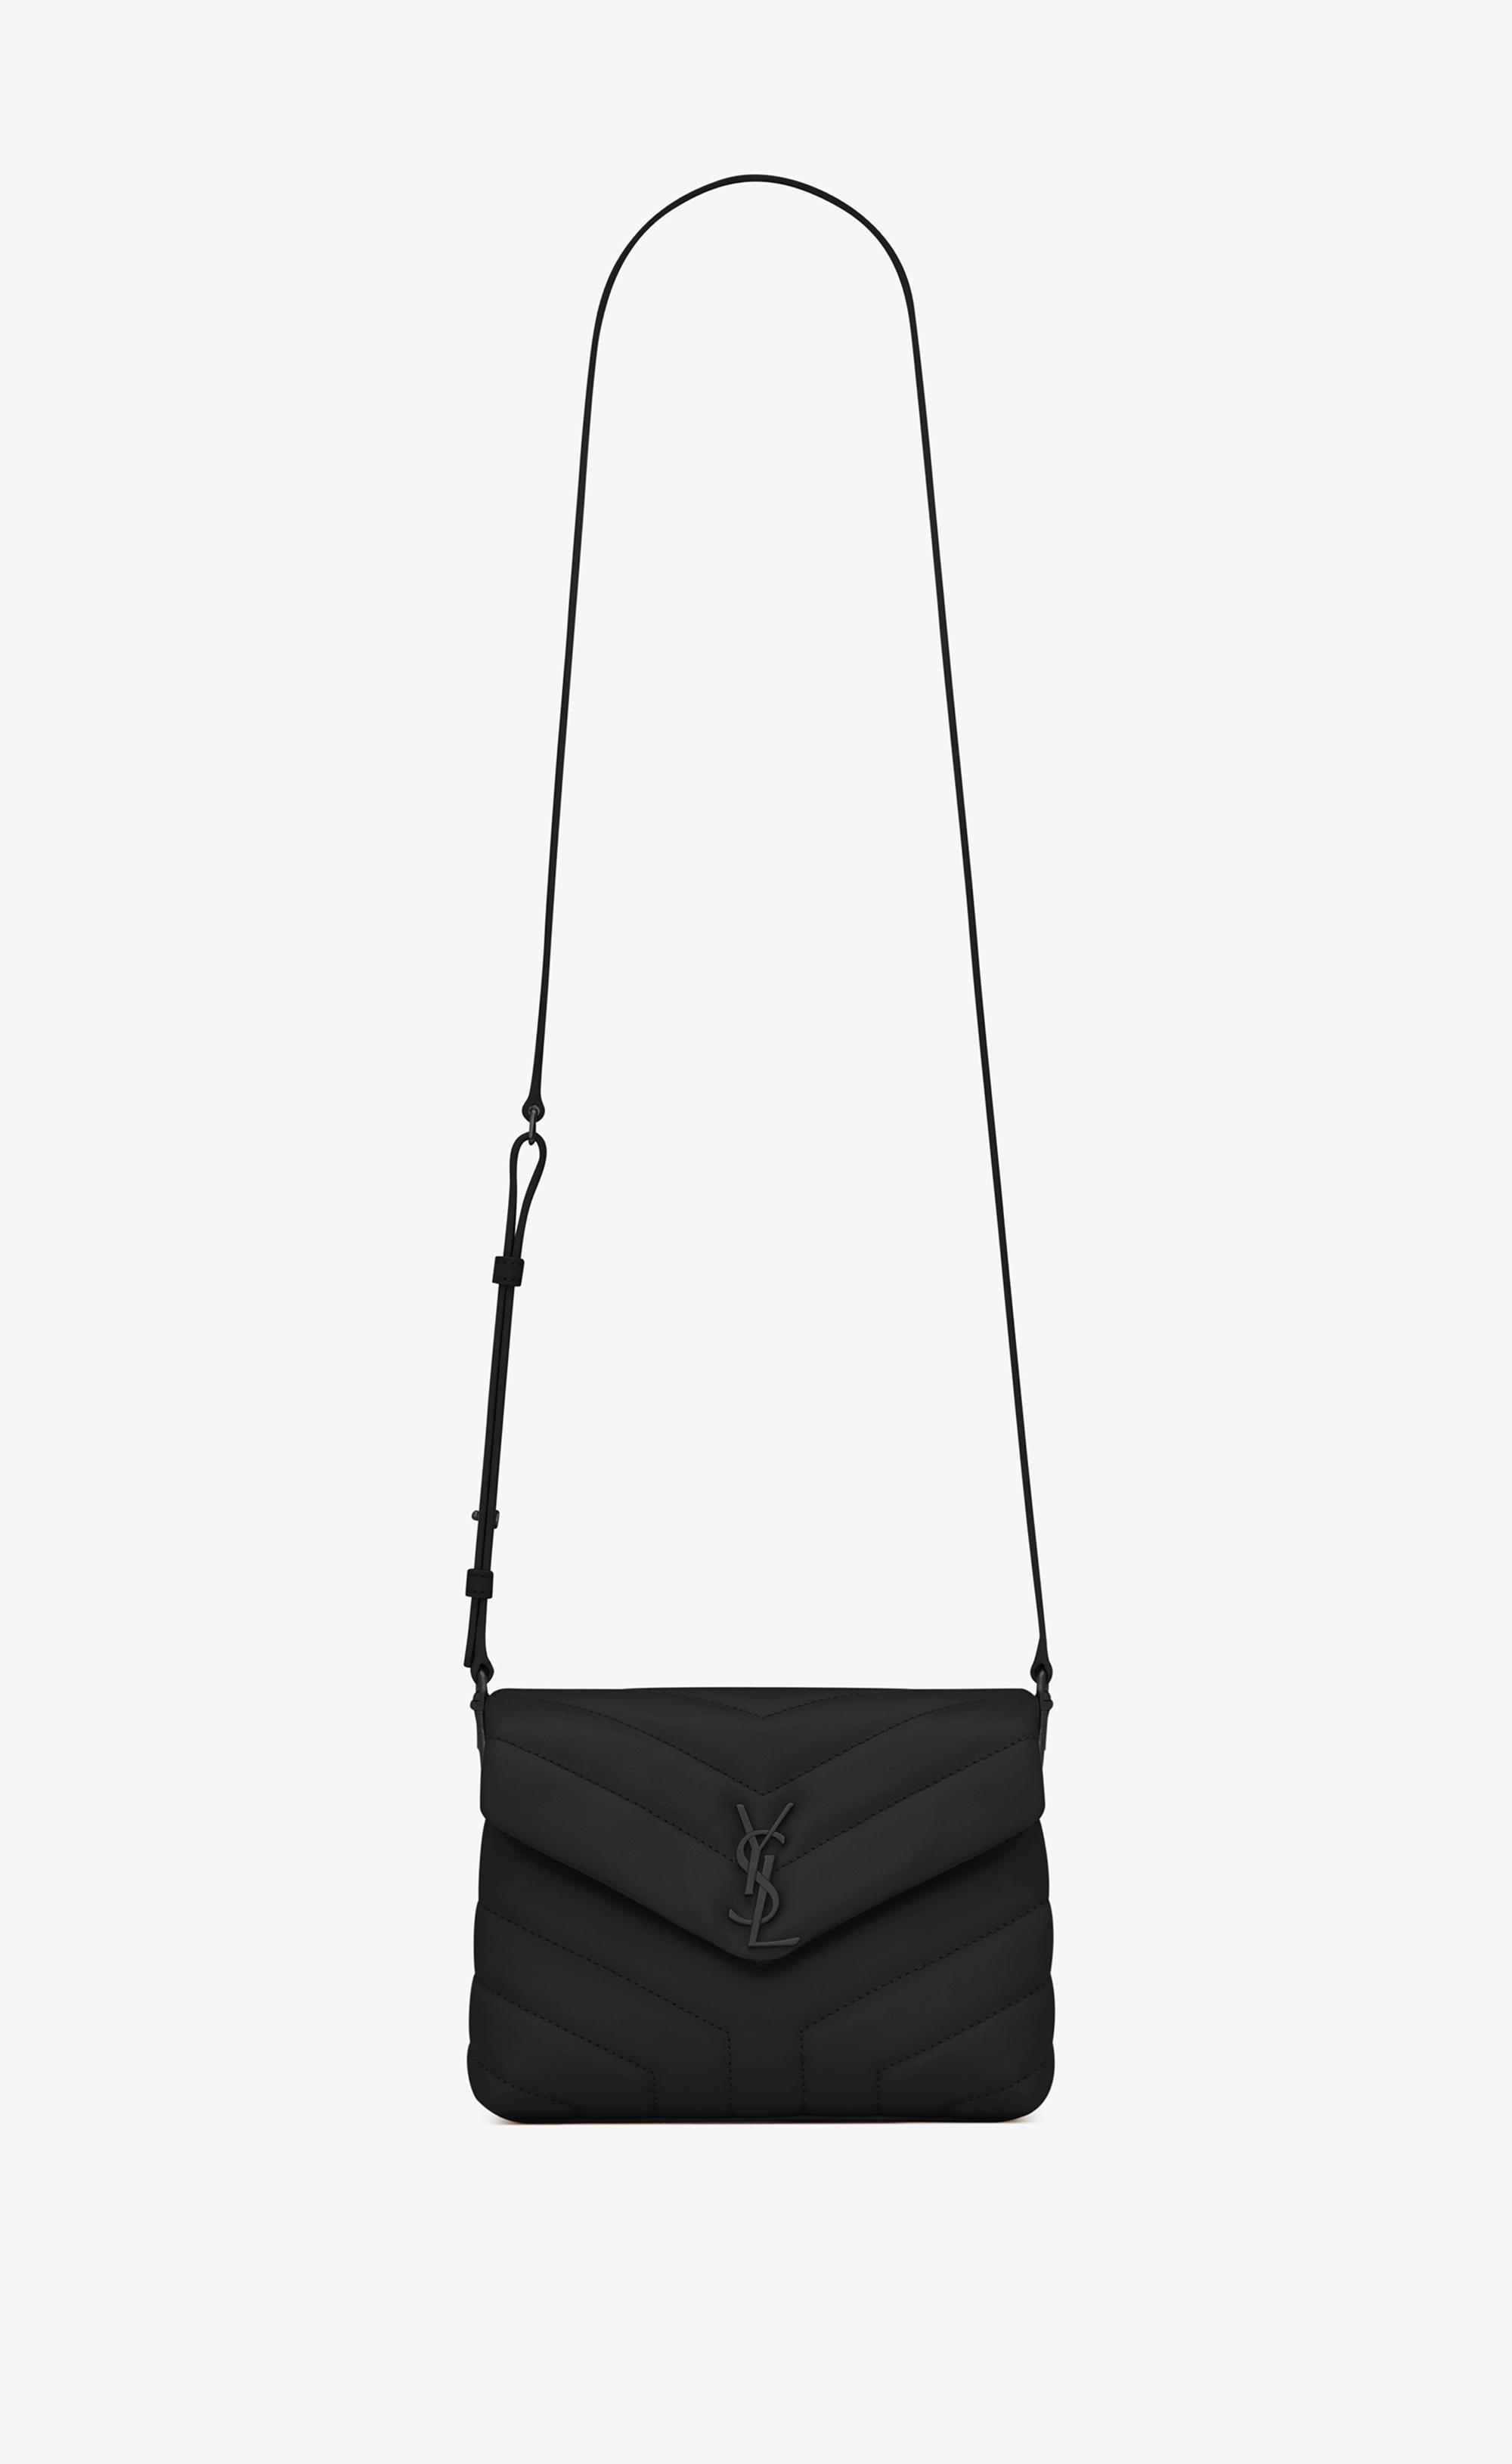 c96bc50b5e7d Lyst - Saint Laurent Loulou Toy Bag in Black